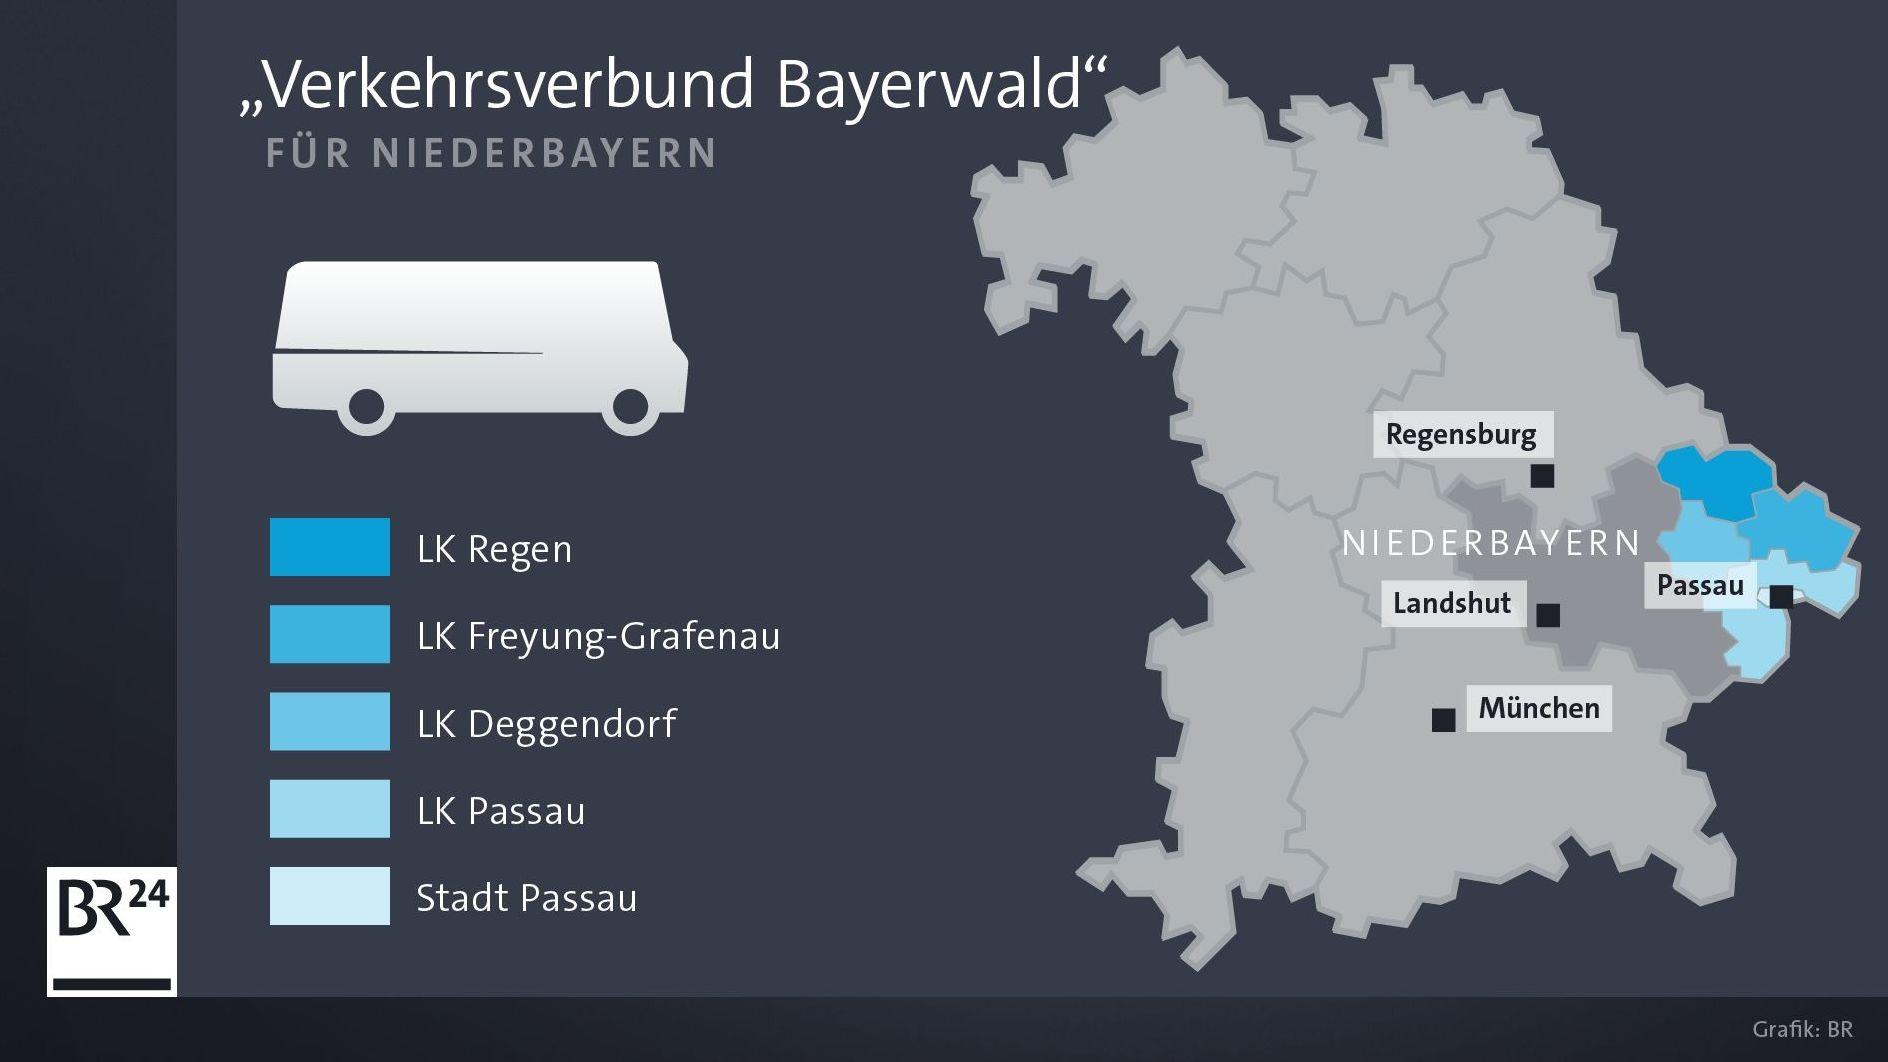 Verkehrsverbund Bayerwald